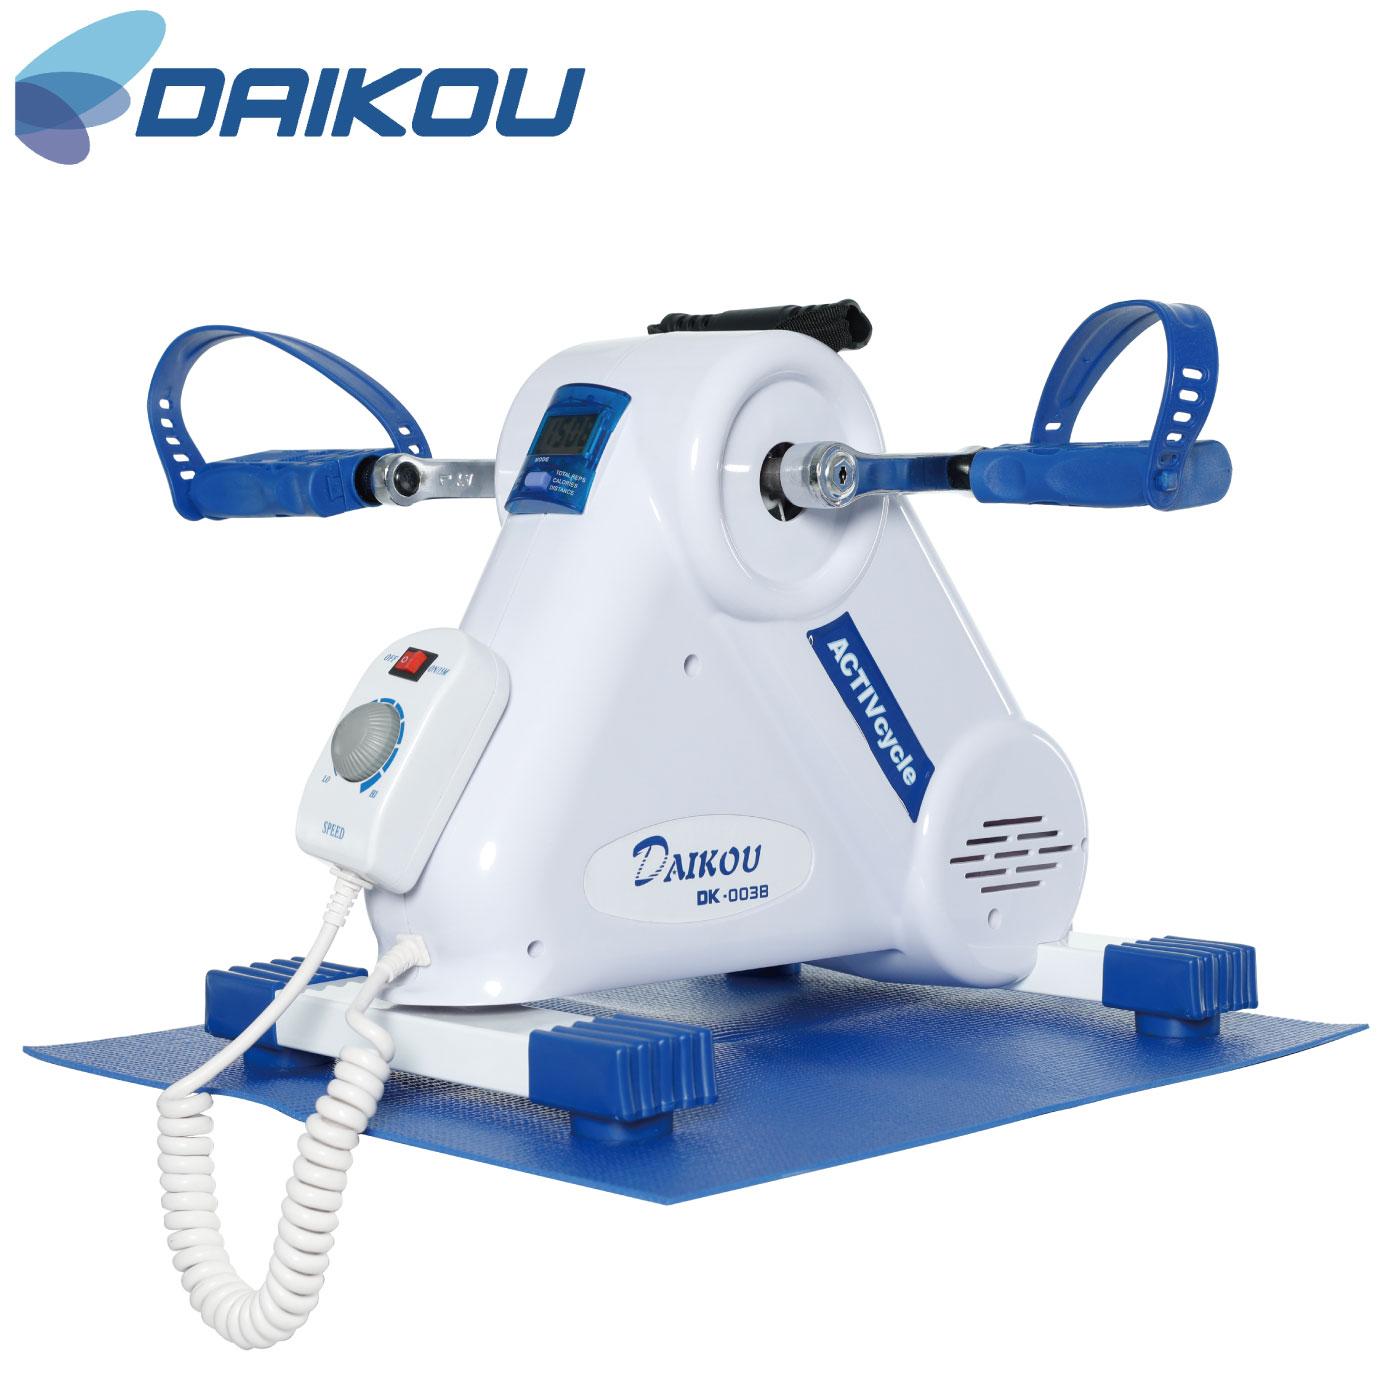 DK-003B/電動アクティブサイクル《DAIKOU(ダイコー)》